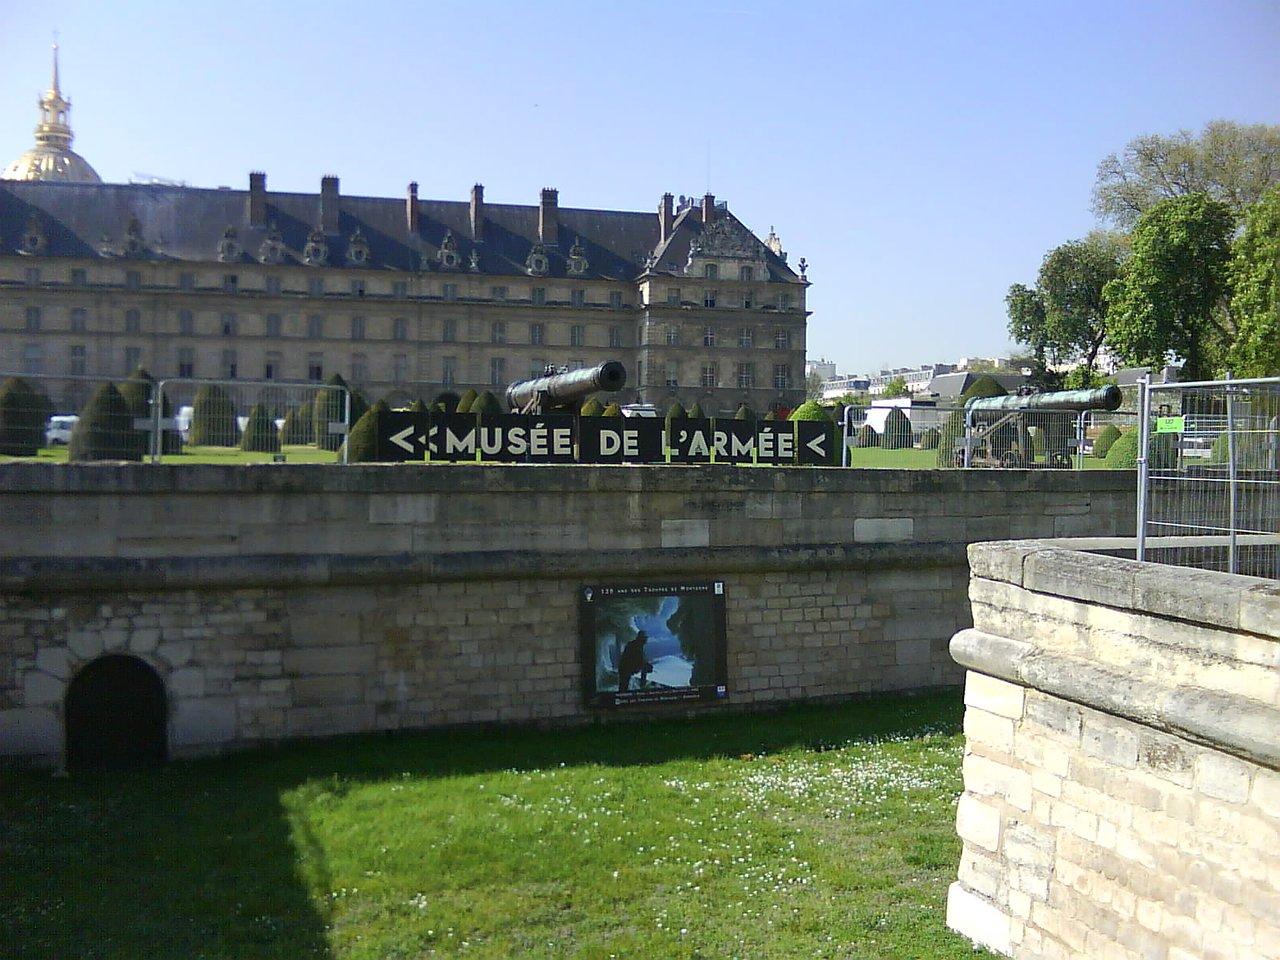 663-musee-de-l'armee-paris.jpg